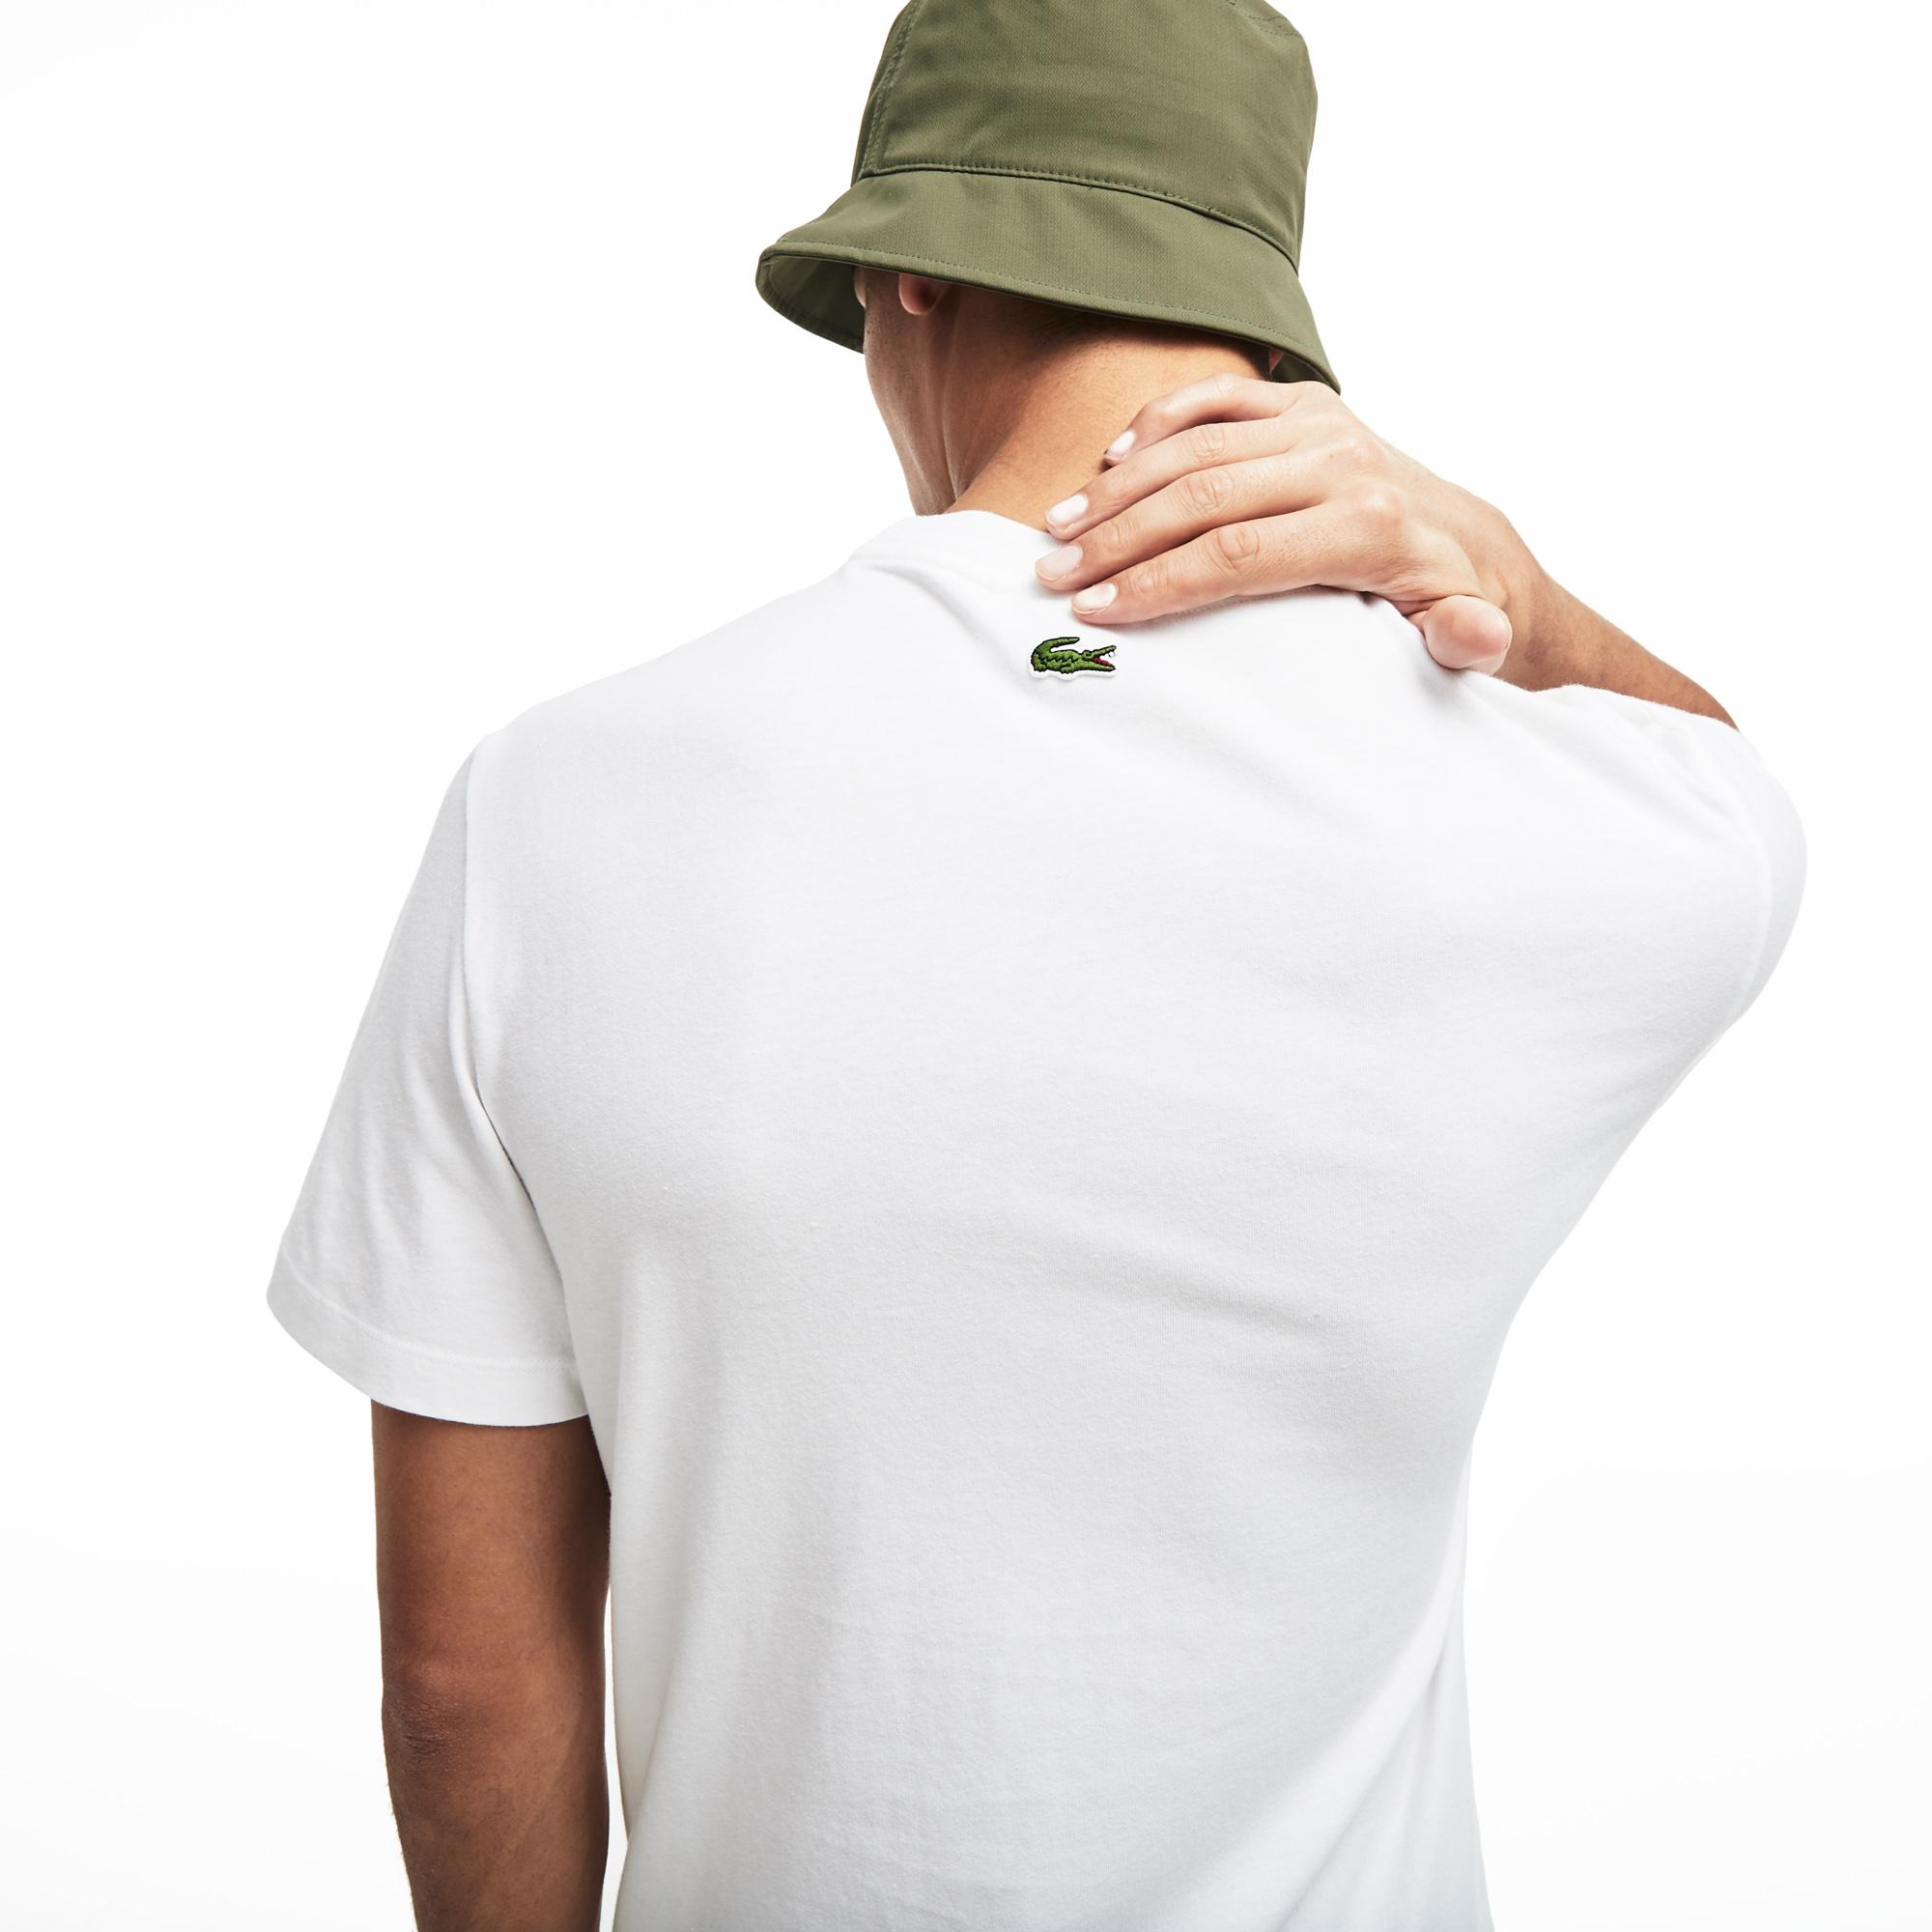 Lacoste Erkek Regular Fit Lacoste Baskılı Beyaz T-Shirt